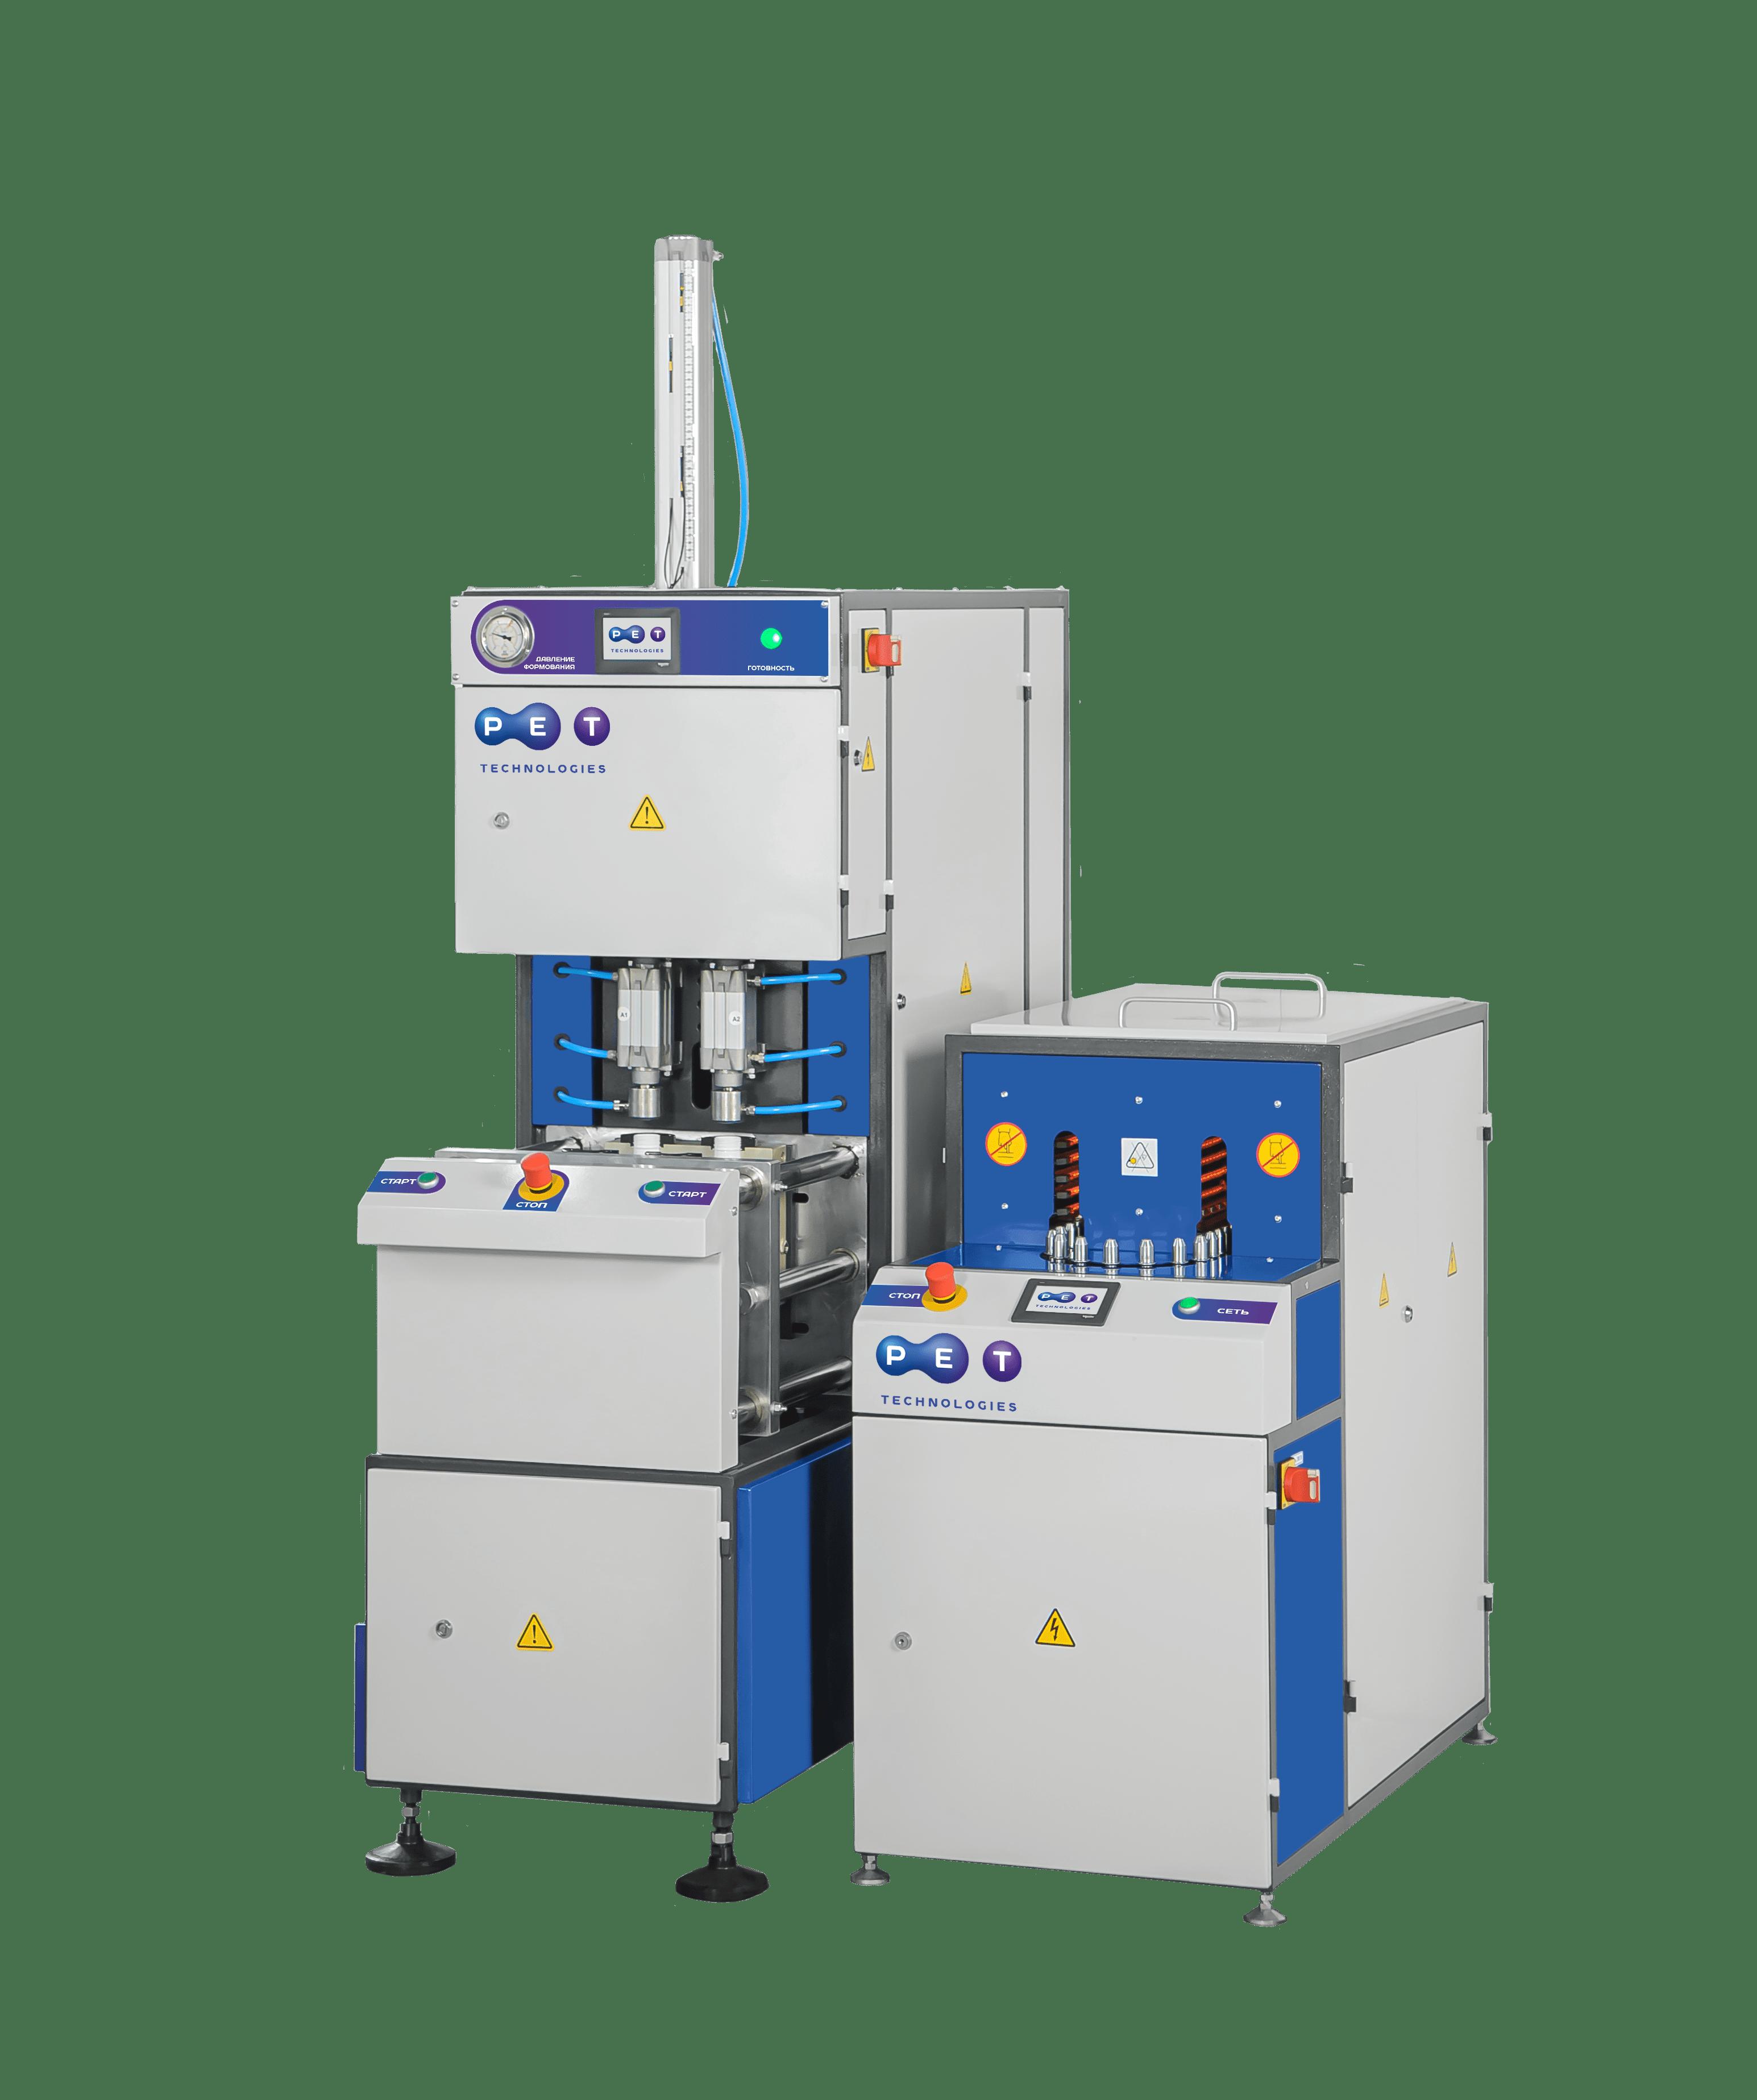 Semi-automatic blow molding machine UPF-5 image